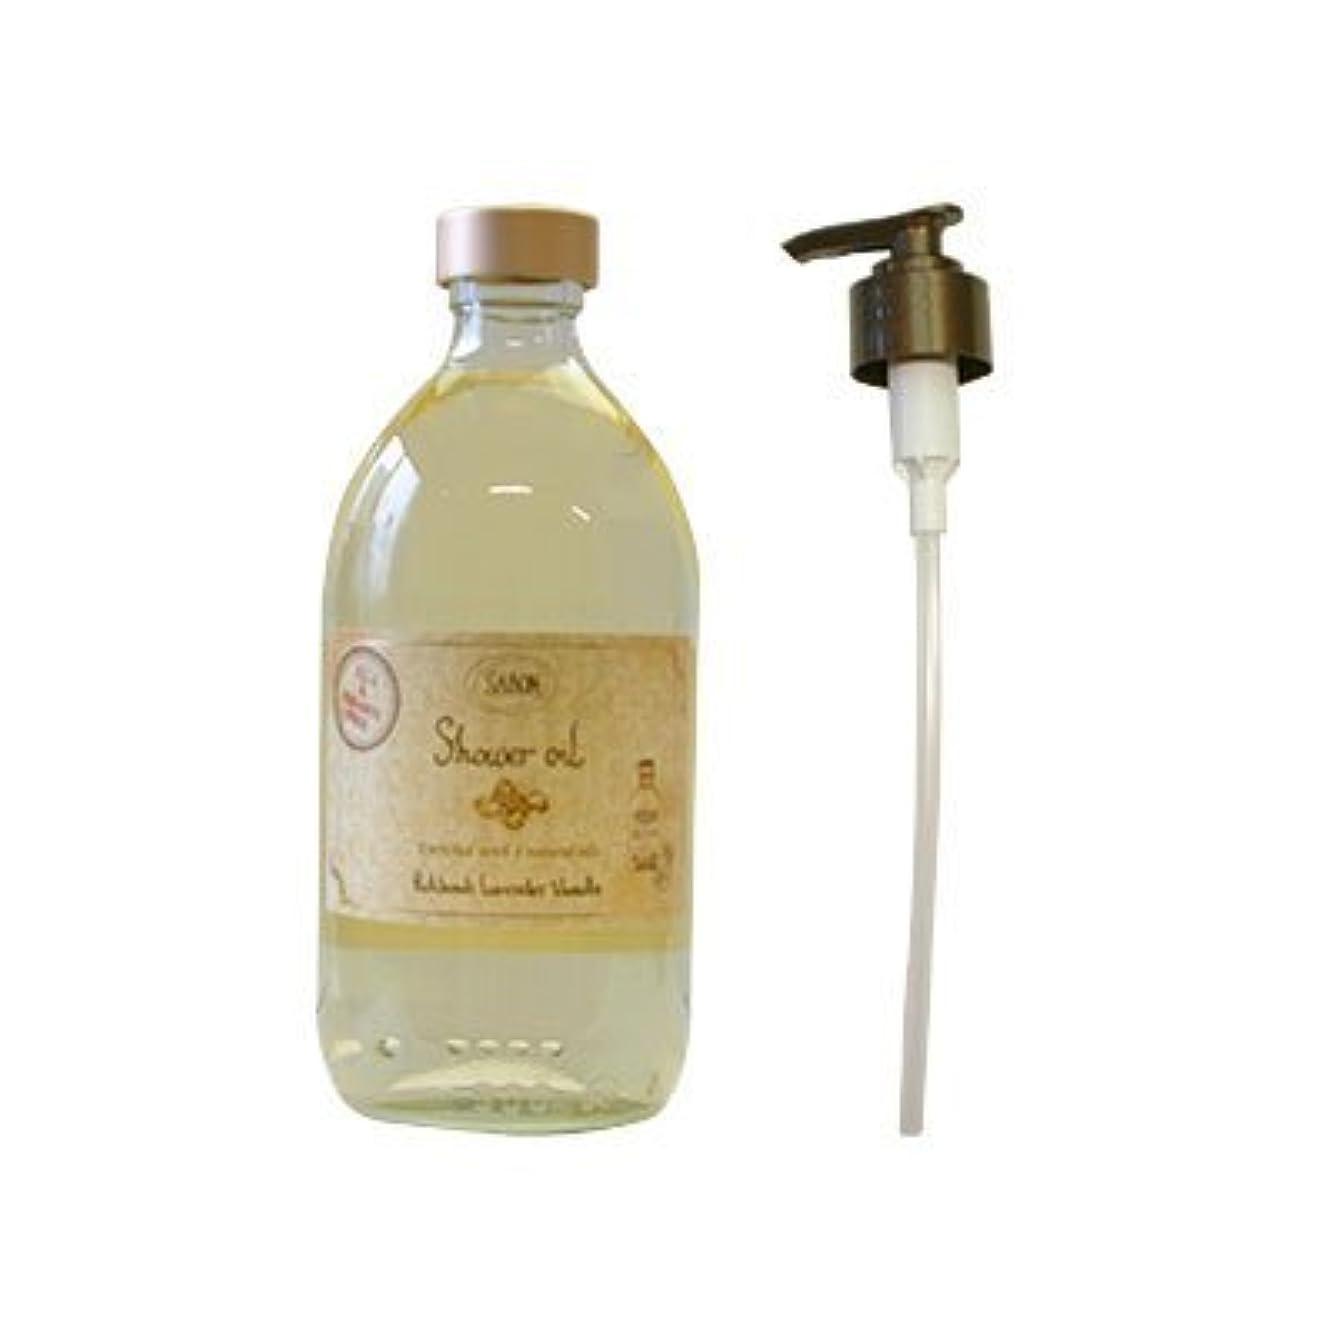 差別する電気的性交サボン(SABON) シャワーオイル パチュリラベンダーバニラ 500ml[並行輸入品]